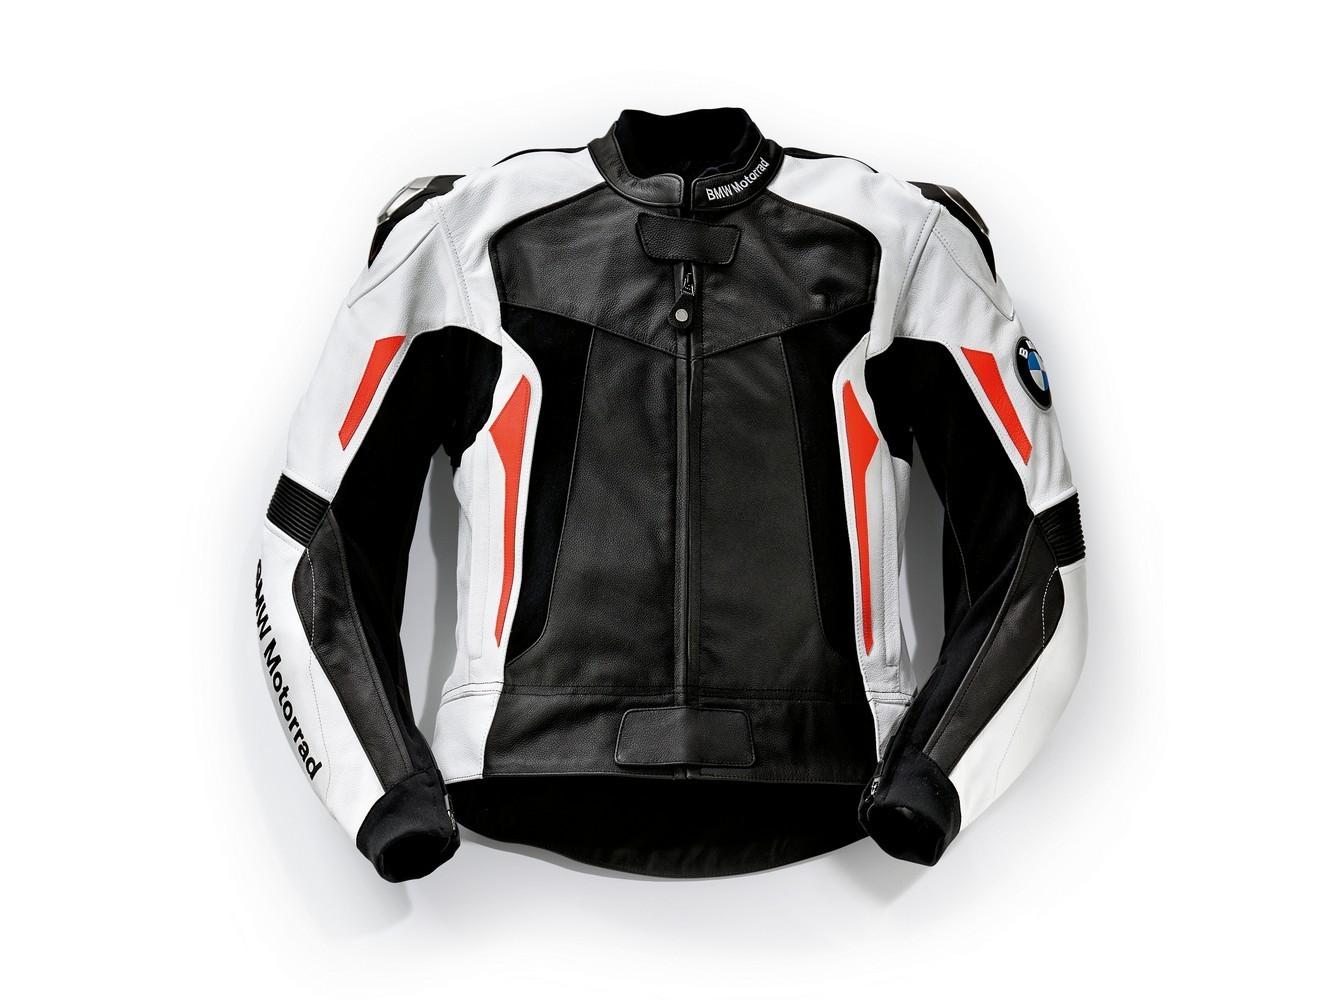 Новая коллекция мотоциклетной экипировки от BMW Motorrad